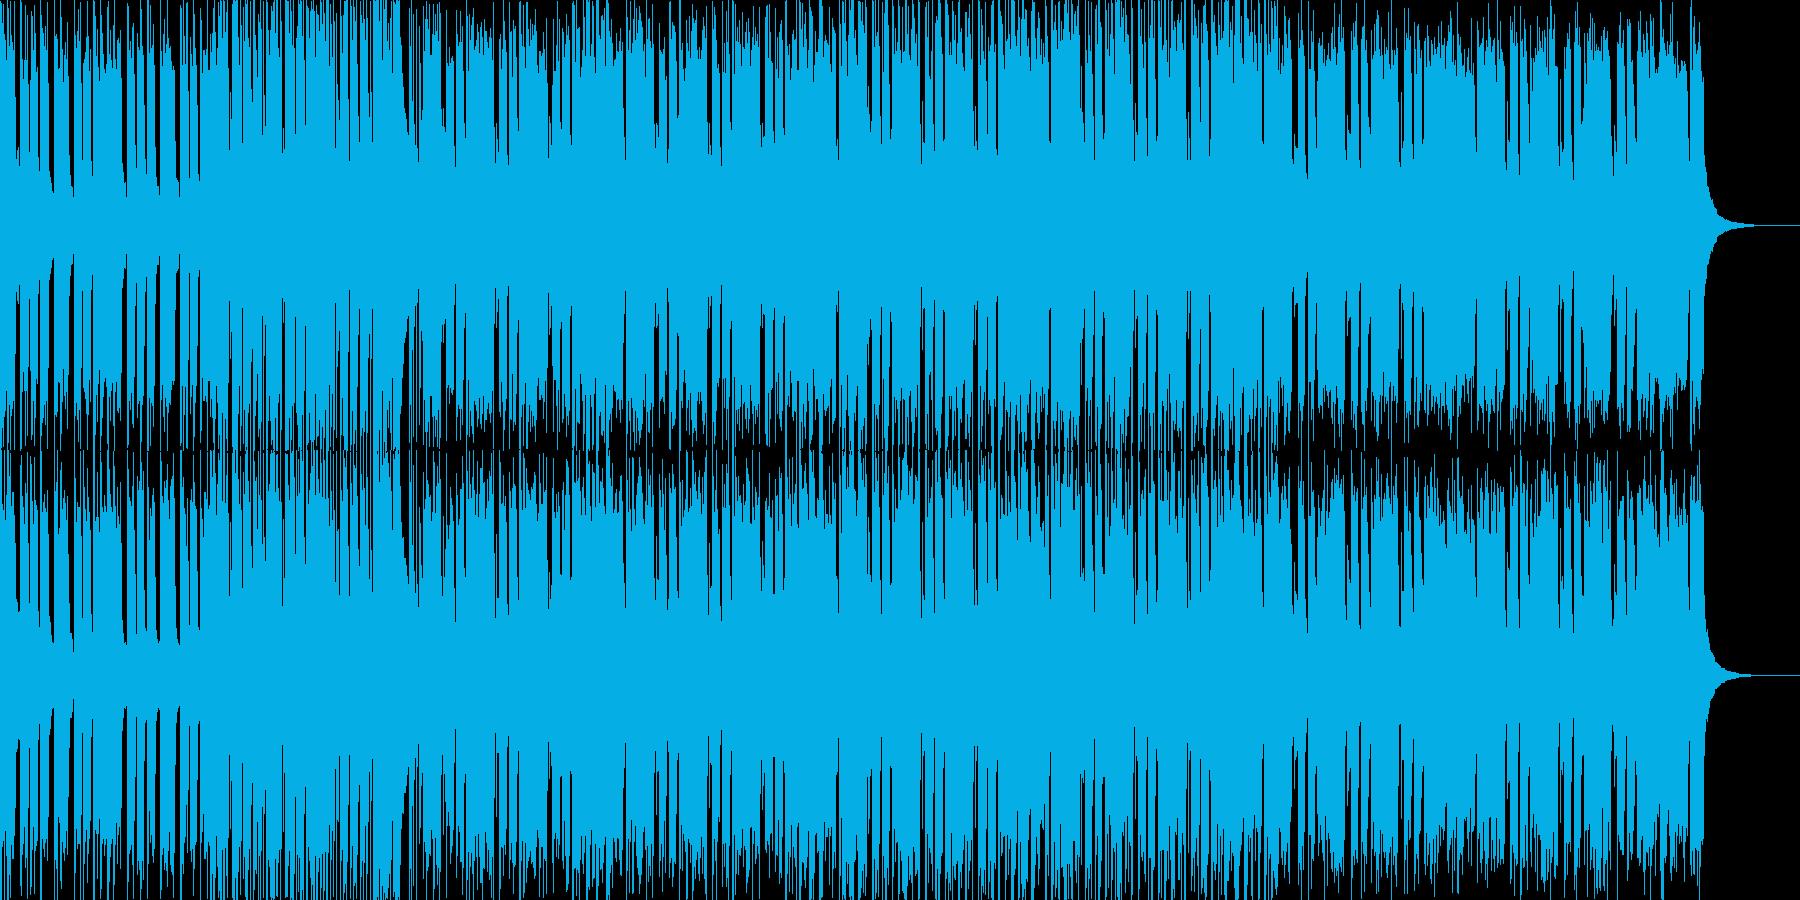 ポップなクラブミュージック 3の再生済みの波形